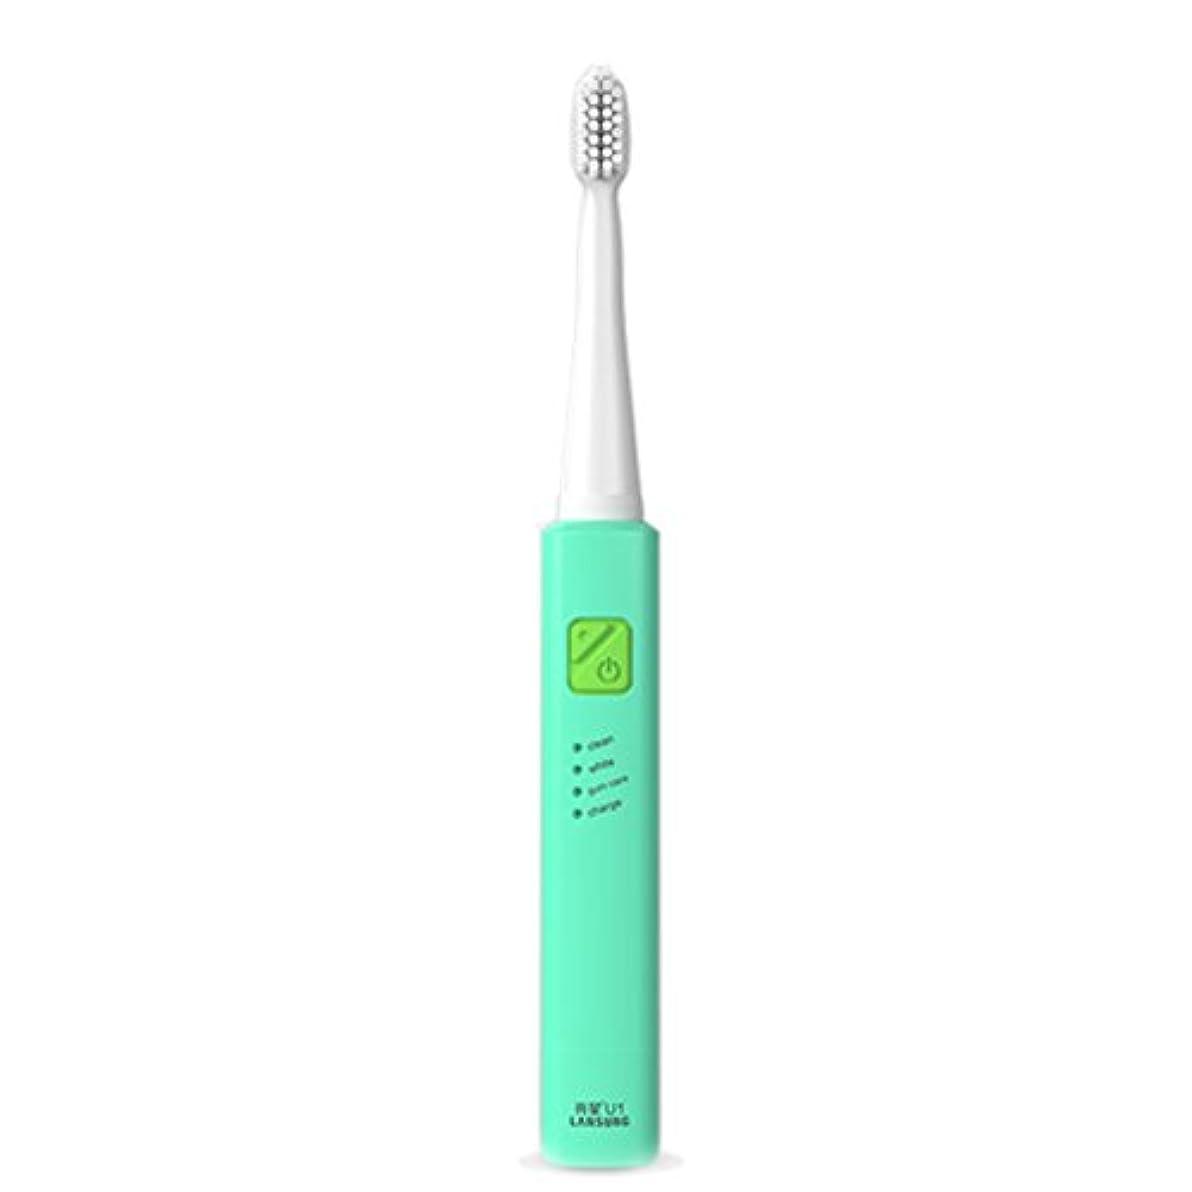 会社早熟シェルター電子歯ブラシ 超音波ロータリー ノンスリップ防水歯ブラシ 歯科口腔衛生